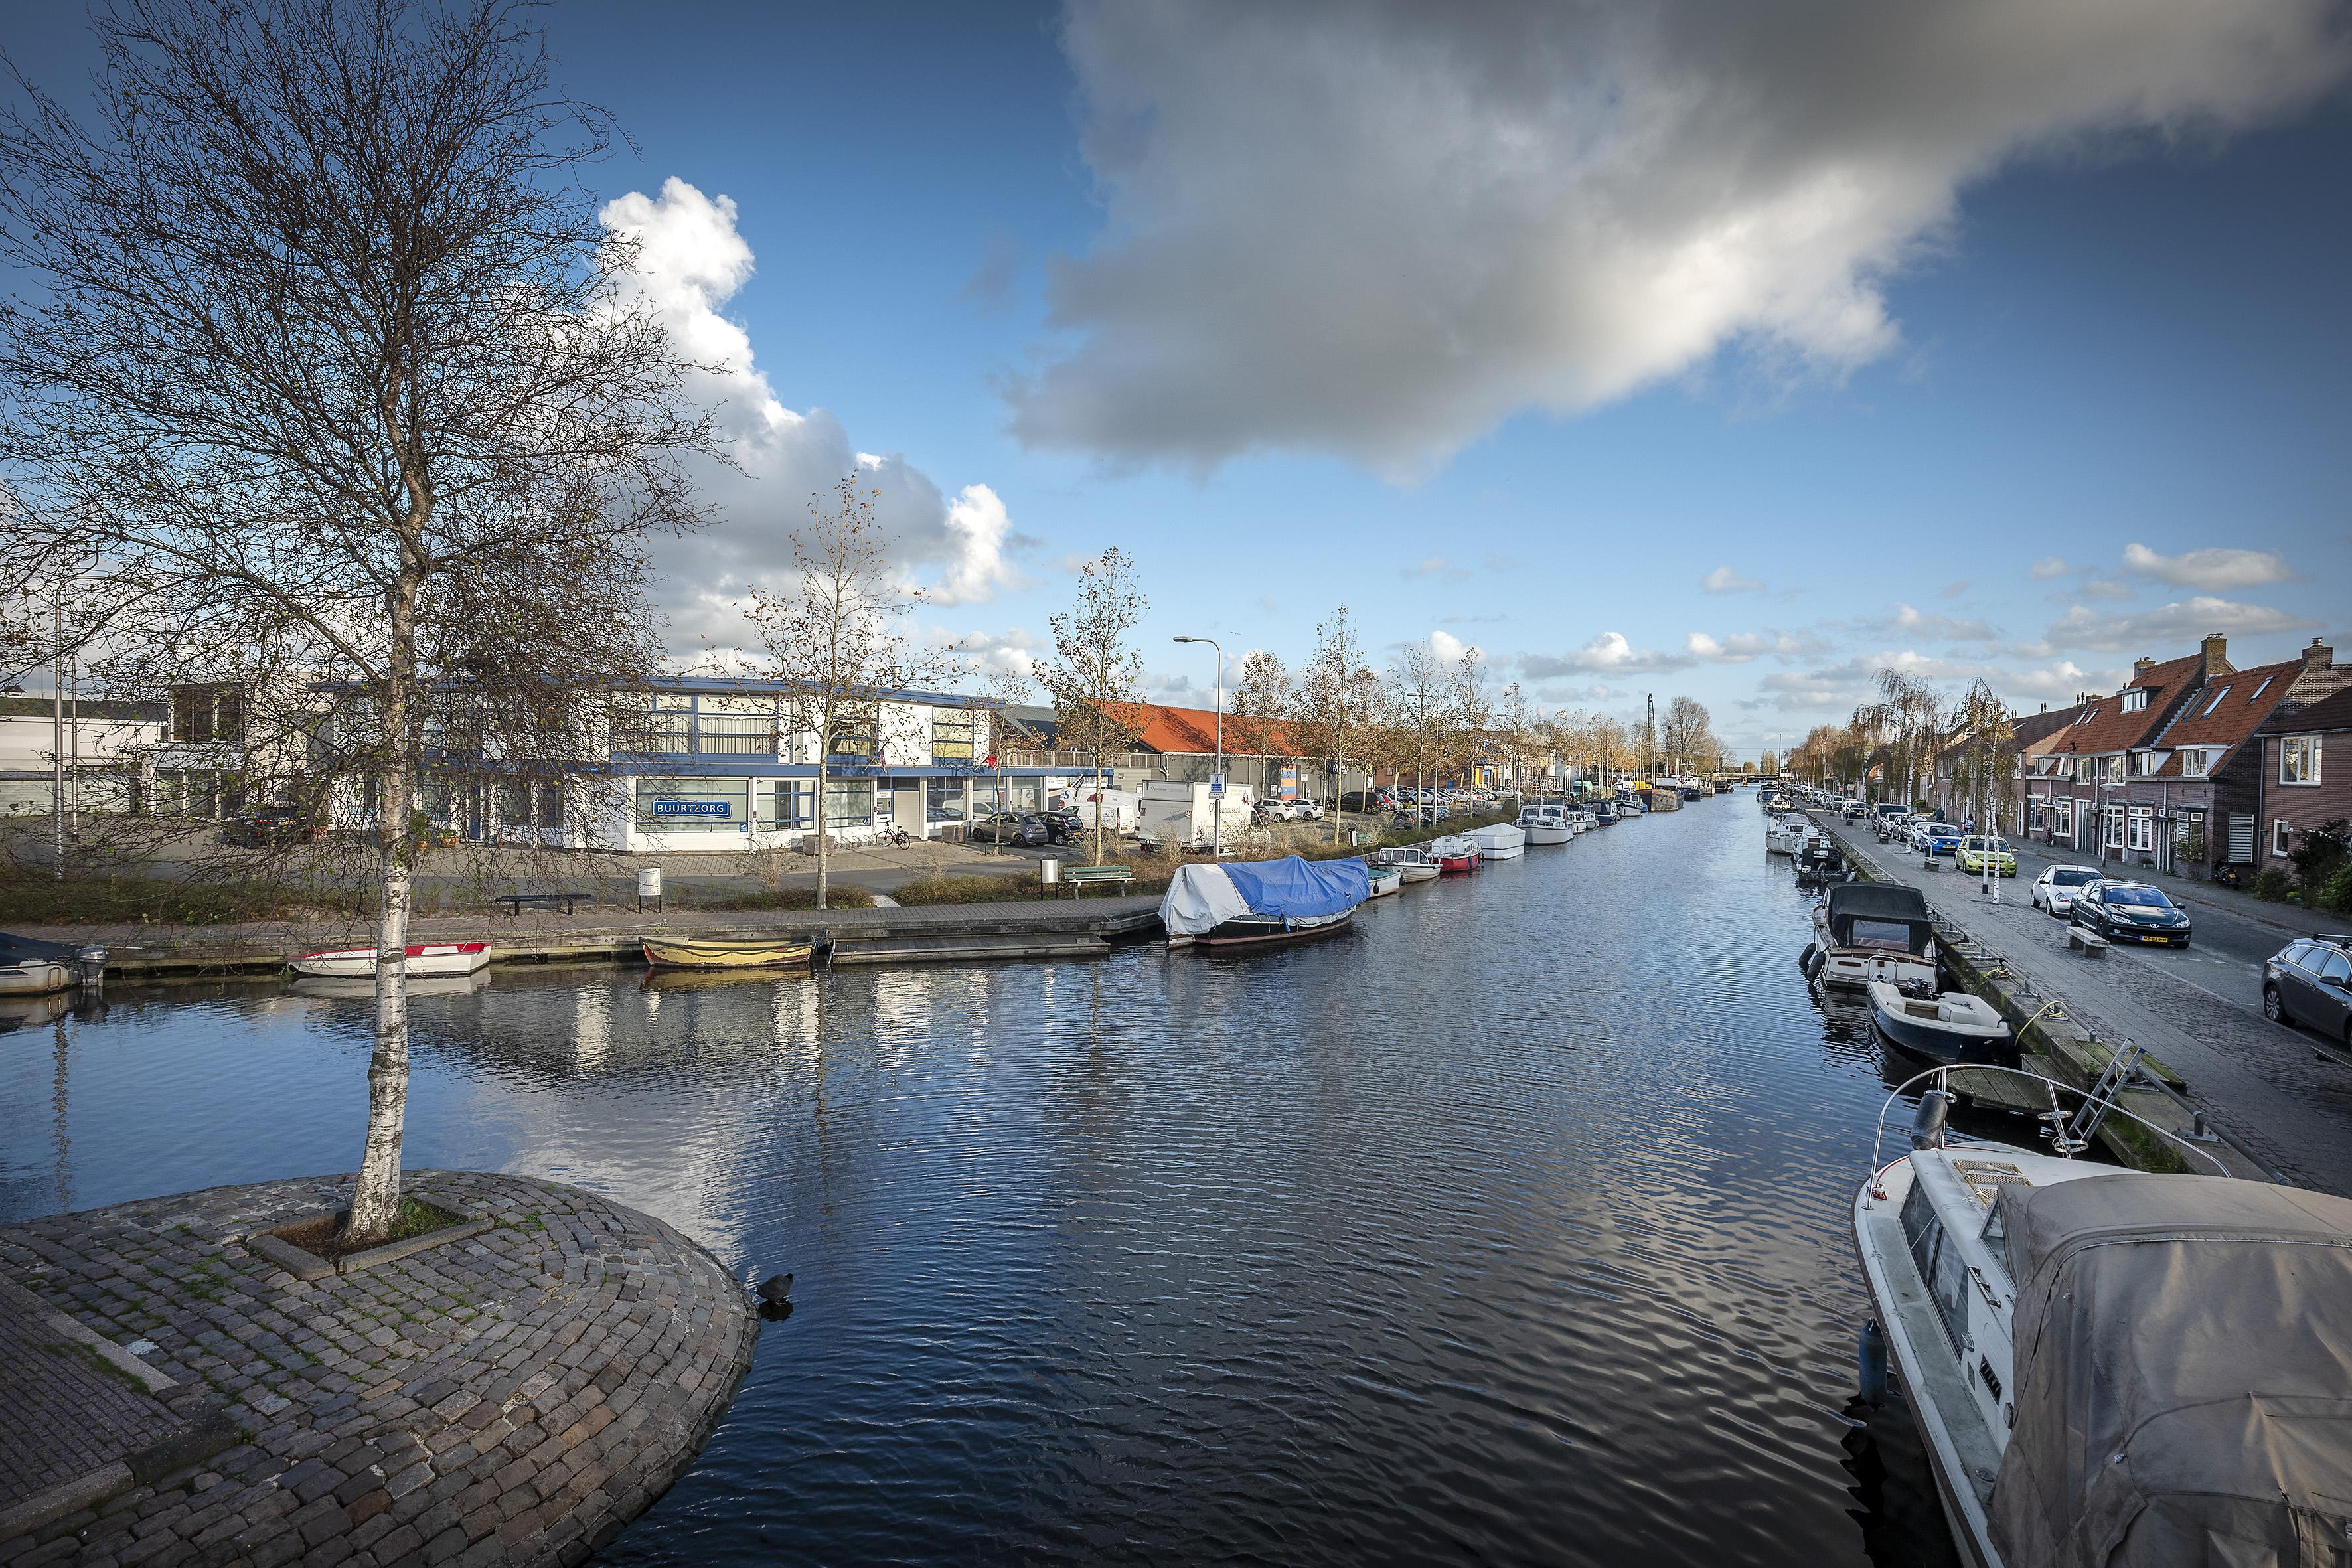 Plannen voor 'opleuken' van Hillegomse haven: 'We gaan er iets moois van maken; goed voor het dorp en de ondernemers'